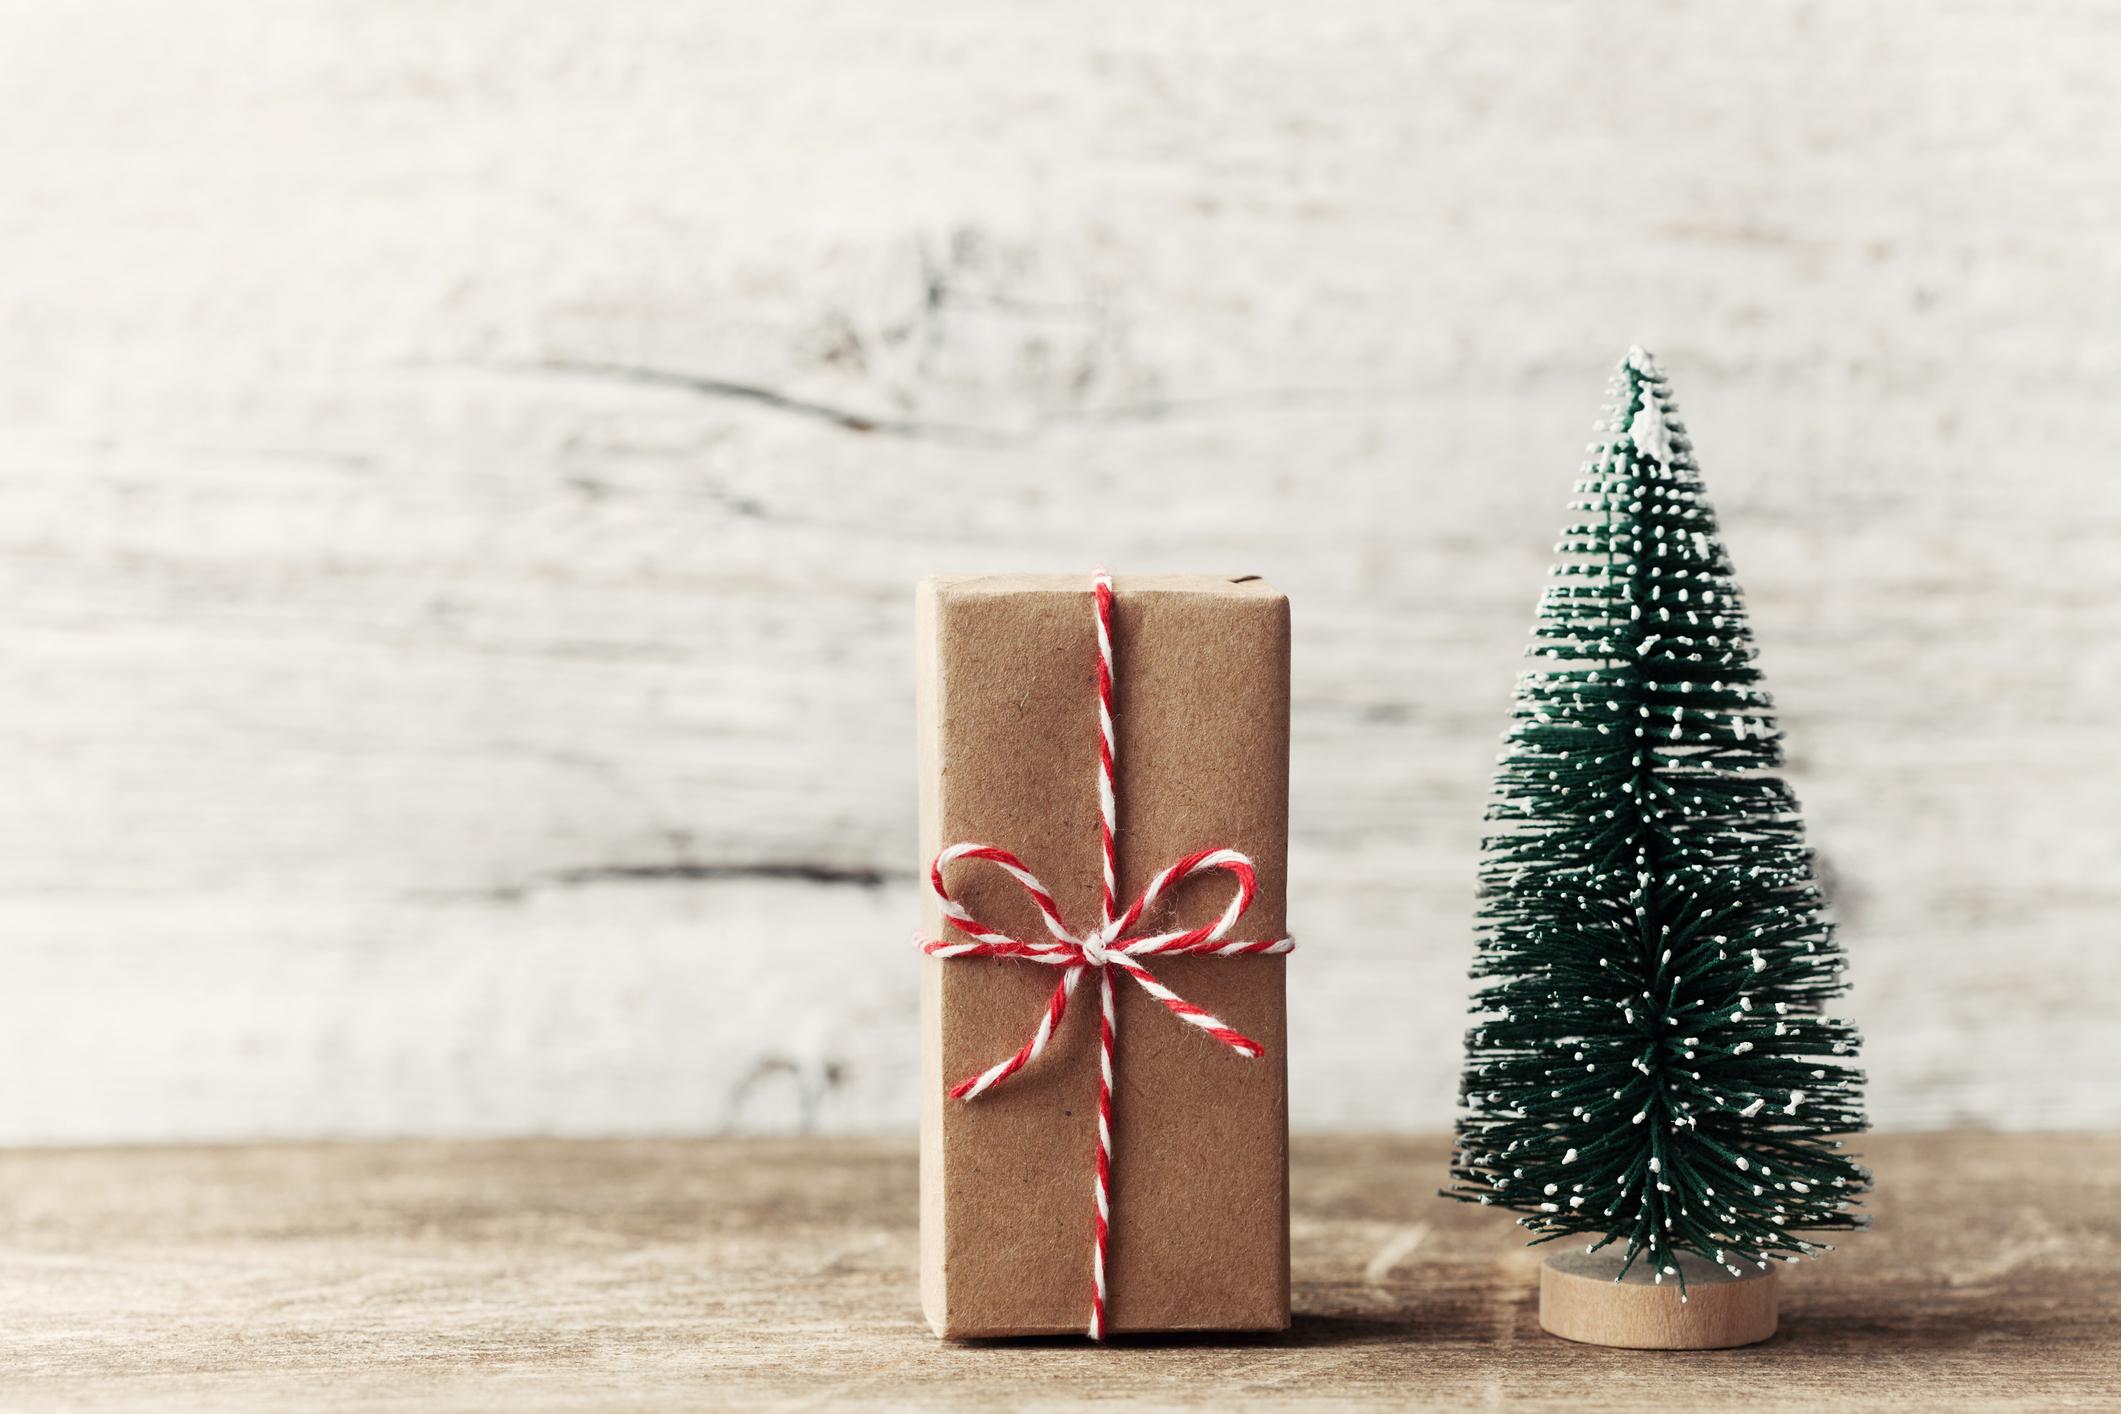 Árvore de Natal em miniatura ao lado de pacote de presente